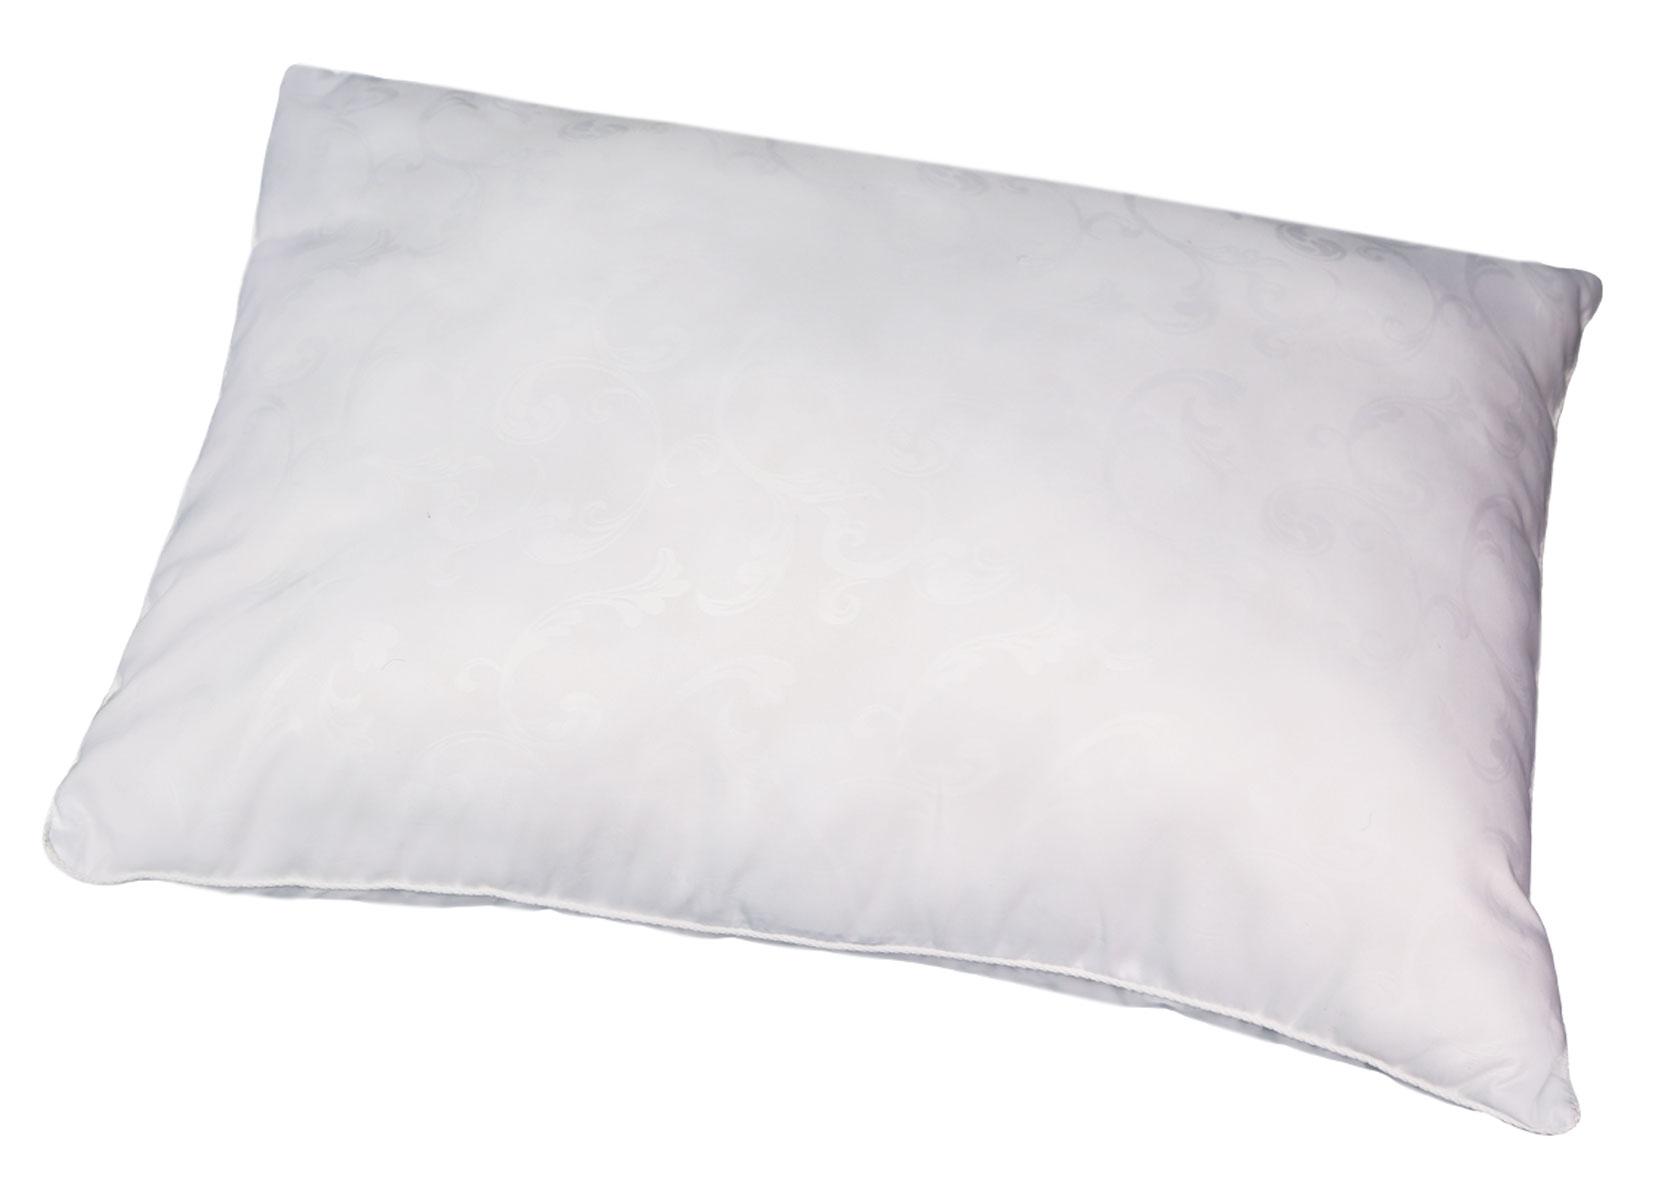 Подушка Bio-Textiles Сила природы, наполнитель: полиэстер, цвет: белый, 50 х 70 см. SP677